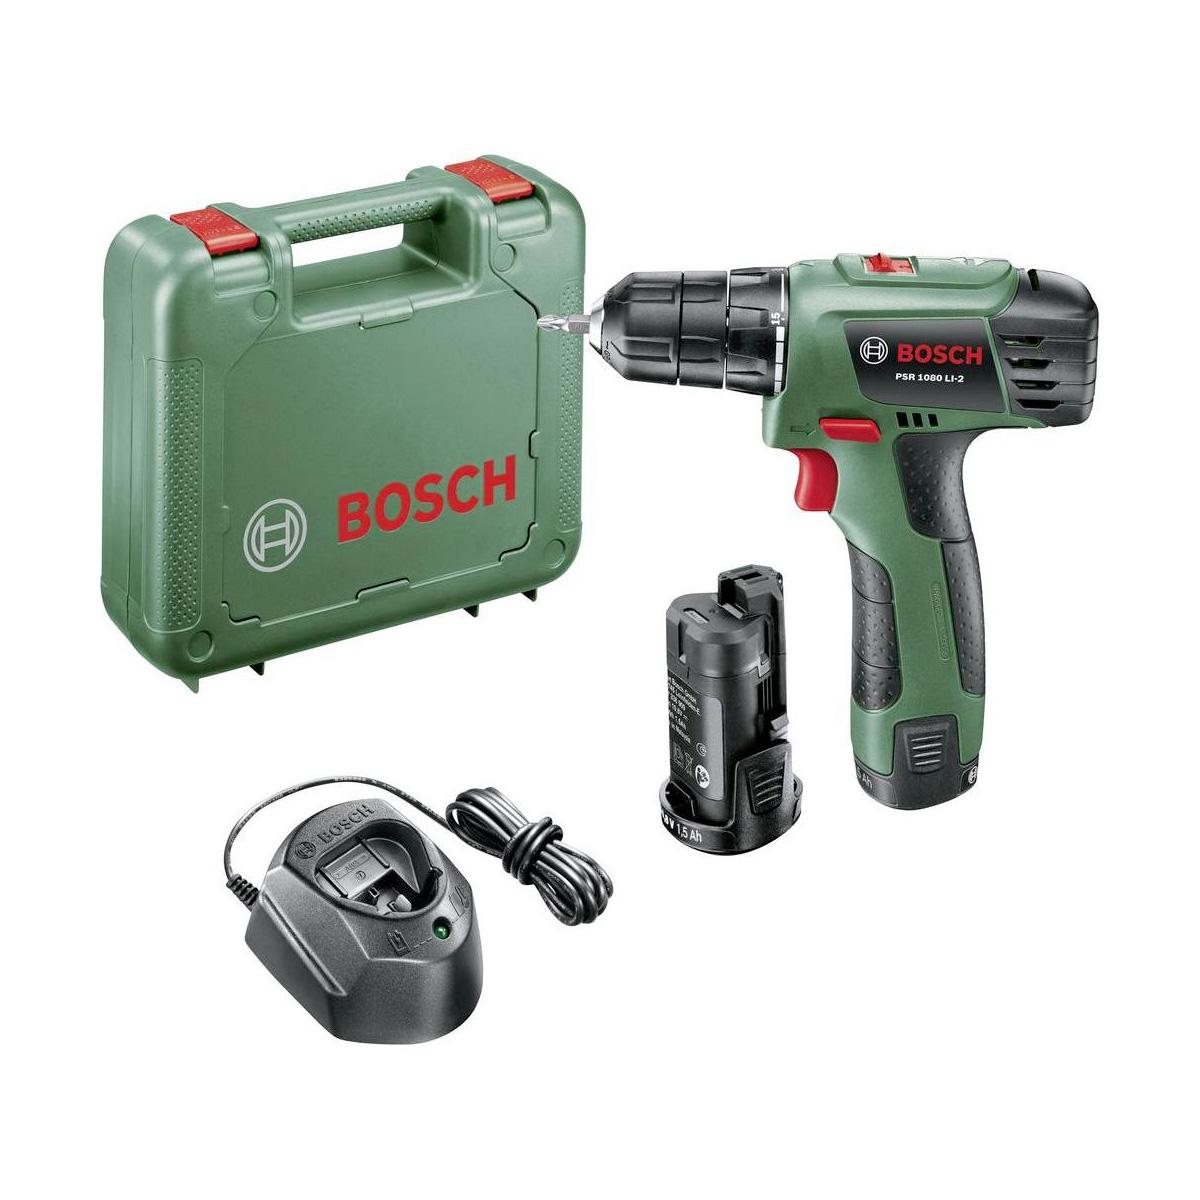 Uitzonderlijk Bosch PSR 1080 Li-2 Cordless Drill Driver 10,8V 3165140835718 | eBay JT12